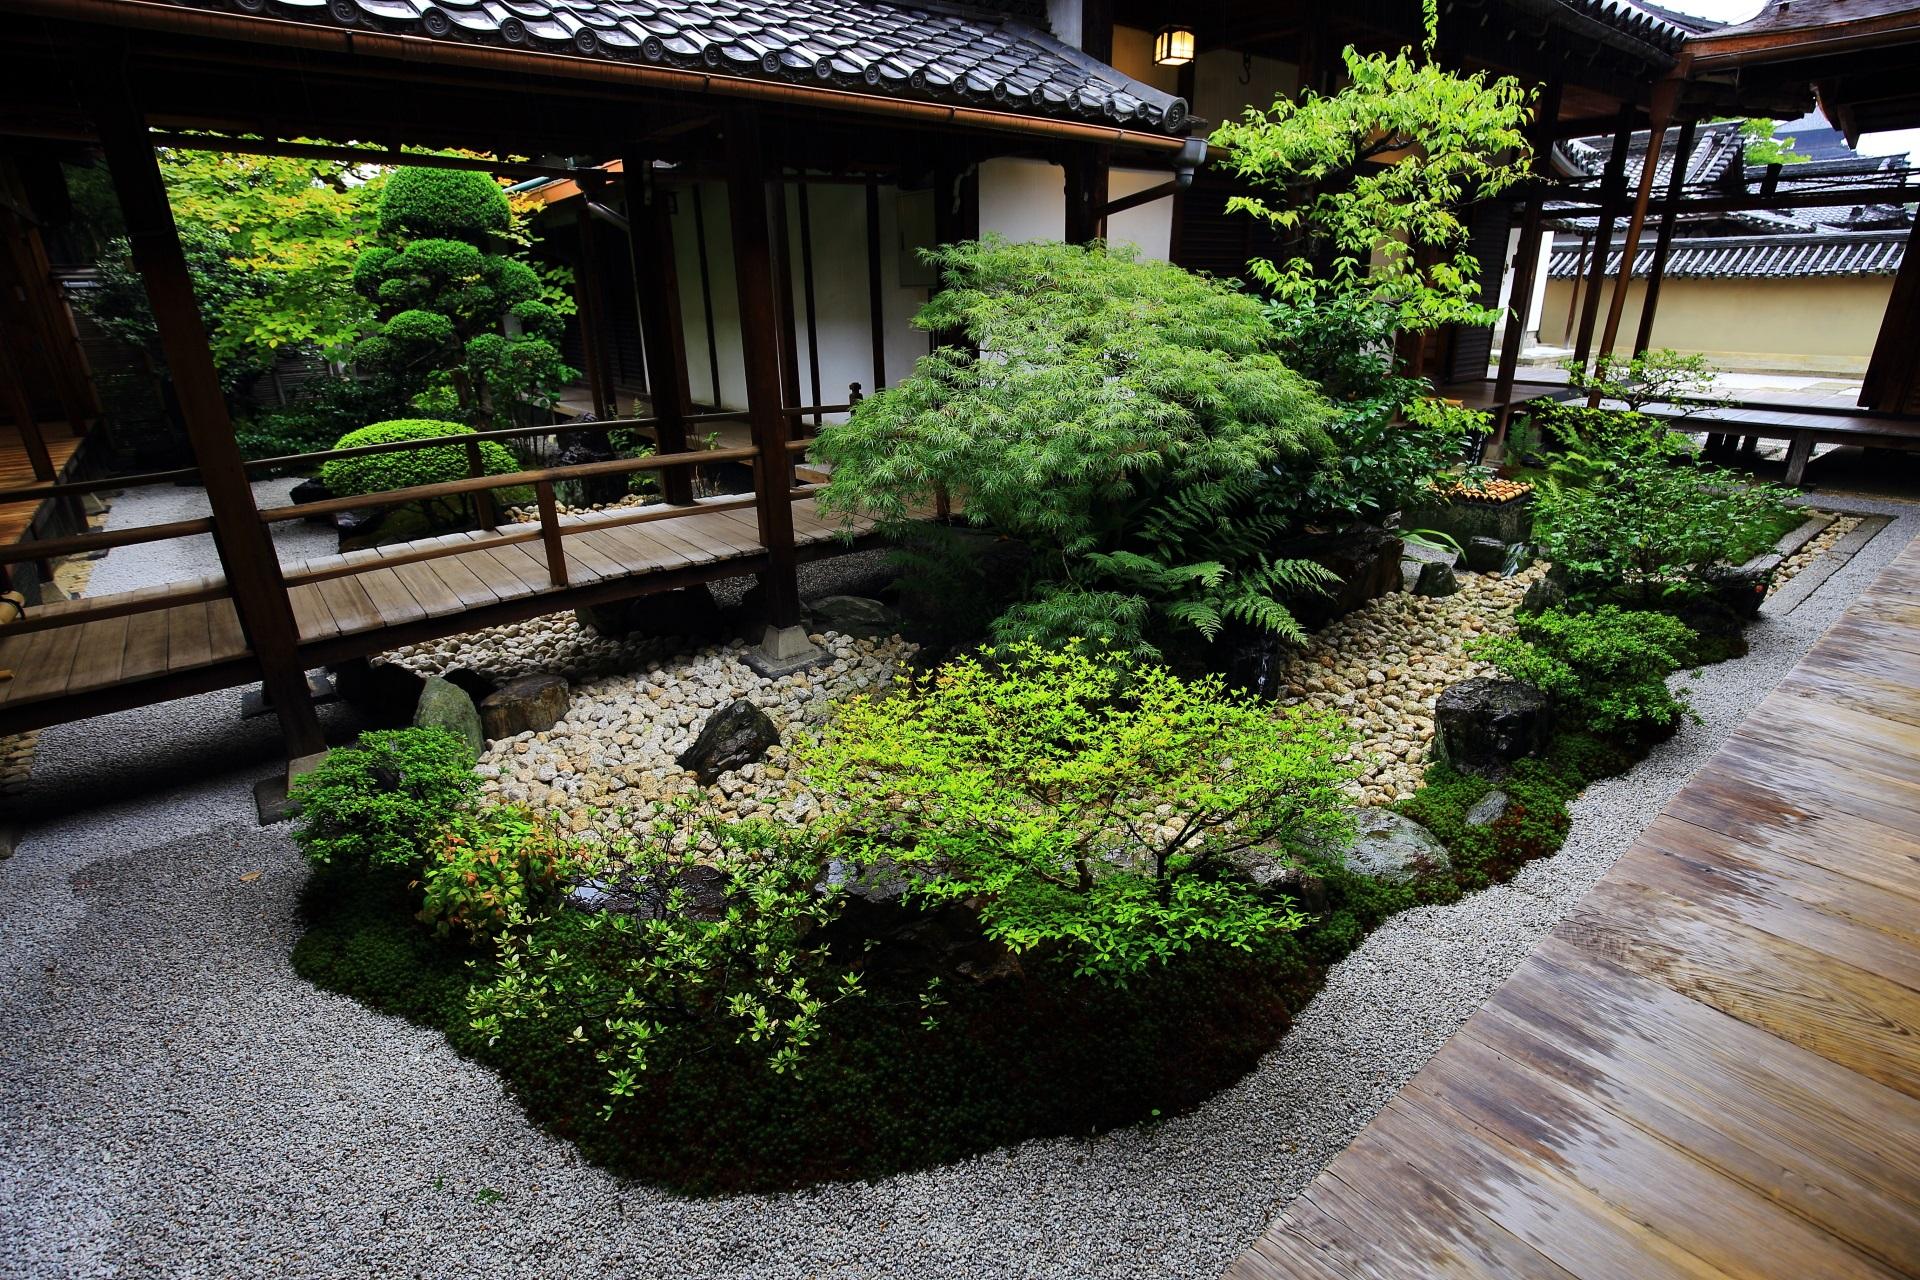 どこから見ても正面の観智院の四方正面の庭